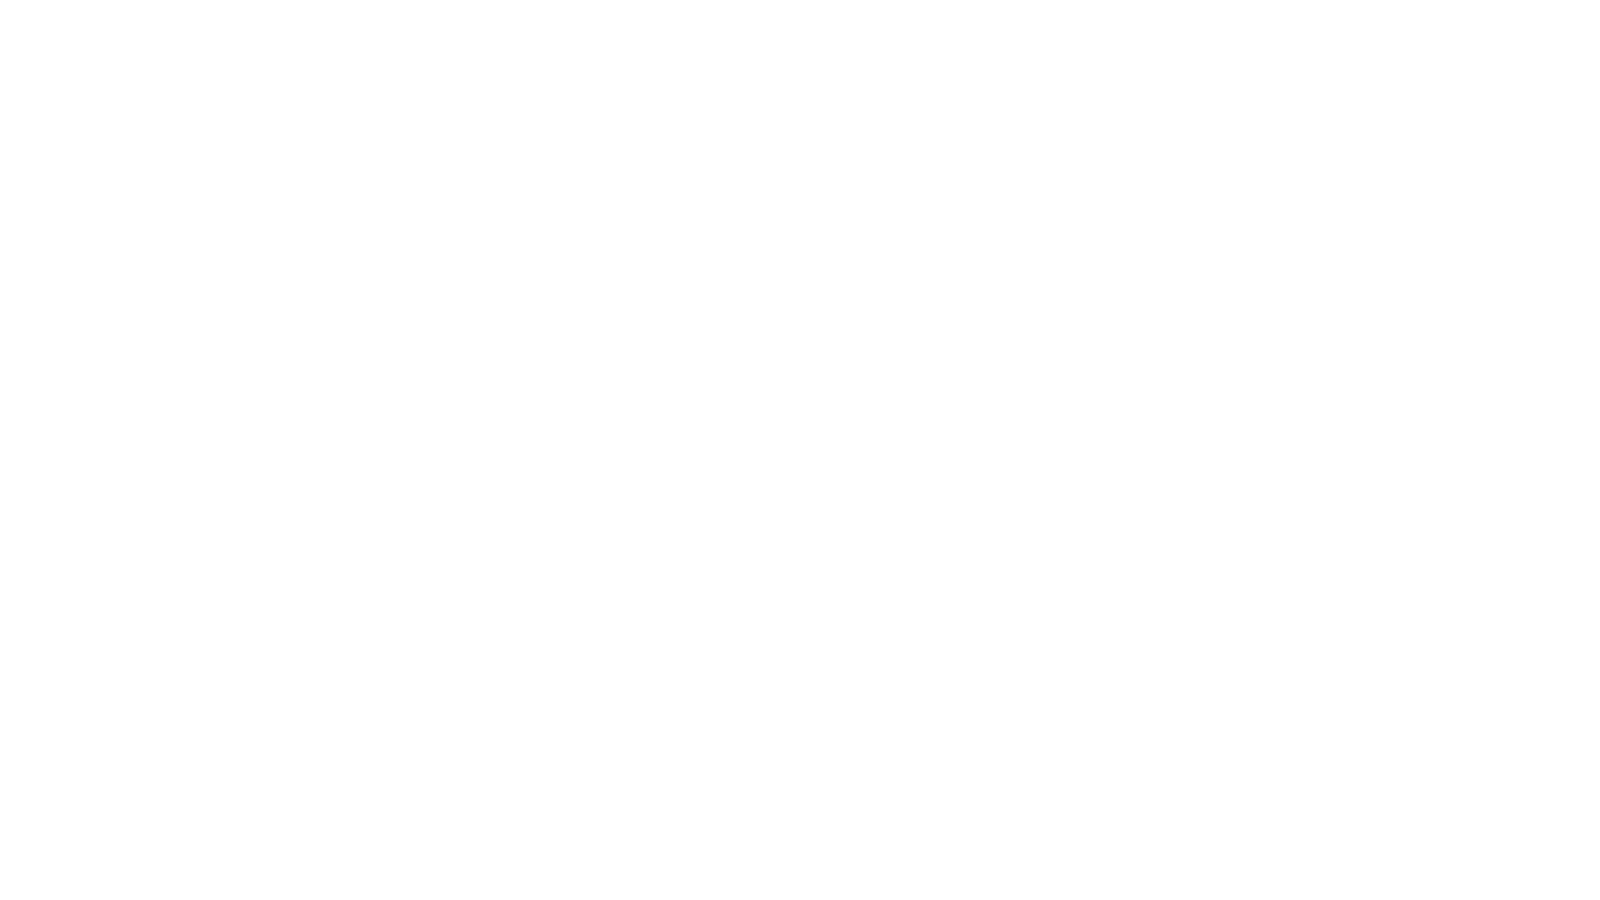 ESPECIFICACIONES COMPLETAS AQUI: http://bit.ly/3sqf7V0 LIKE si no te vas a comprar uno :v Te dejo mi Instagram por si las dudas: https://instagram.com/CarlosVassan  ↓↓↓↓↓↓↓↓↓EXPANDE ESTO↓↓↓↓↓↓↓↓↓↓↓  Videos recomendados:  →Los 10 Mejores Teléfonos del 2020: https://bit.ly/3iipdDK →TOP MEJORES TELÉFONOS BARATOS 2020:https:// bit.ly/3nIRjsC →TOP Mejores teléfonos gama media del 2019: https://bit.ly/2N3YGyr →TOP Mejores teléfonos gama media del 2020: https://bit.ly/39ycBV1 →TOP MEJORES TELÉFONOS GAMA MEDIA-PREMIUM 2020: https://bit.ly/35AVIrG  Únete a nuestro grupo de Telegram en donde publicamos las mejores ofertas de Amazon todos los días 🔥: https://t.me/CarlosVassan  Redes sociales:  Instagram: https://instagram.com/CarlosVassan Twitter: https://twitter.com/Carlos_Vassan Nueva página de Facebook: https://bit.ly/36jeljZ  Mi página web para que cheques todas las noticias y filtraciones de nuevos equipos: https://carlosvassan.com/  Contacto empresarial: hola@carlosvassan.com